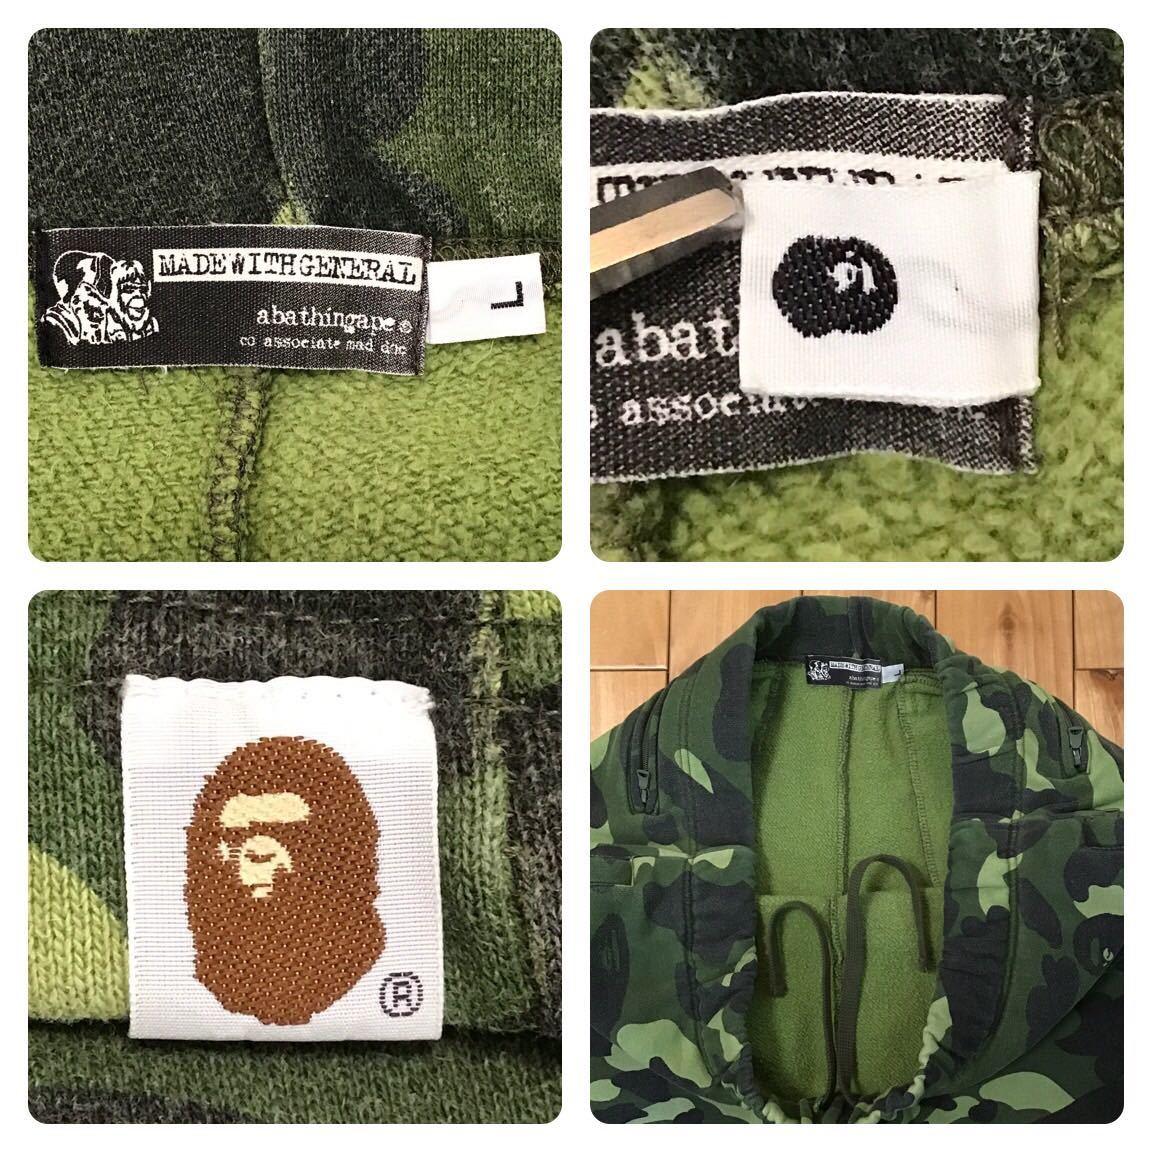 Green camo スウェット ハーフパンツ Lサイズ a bathing ape bape エイプ ベイプ アベイシングエイプ shorts ショーツ 迷彩 53at